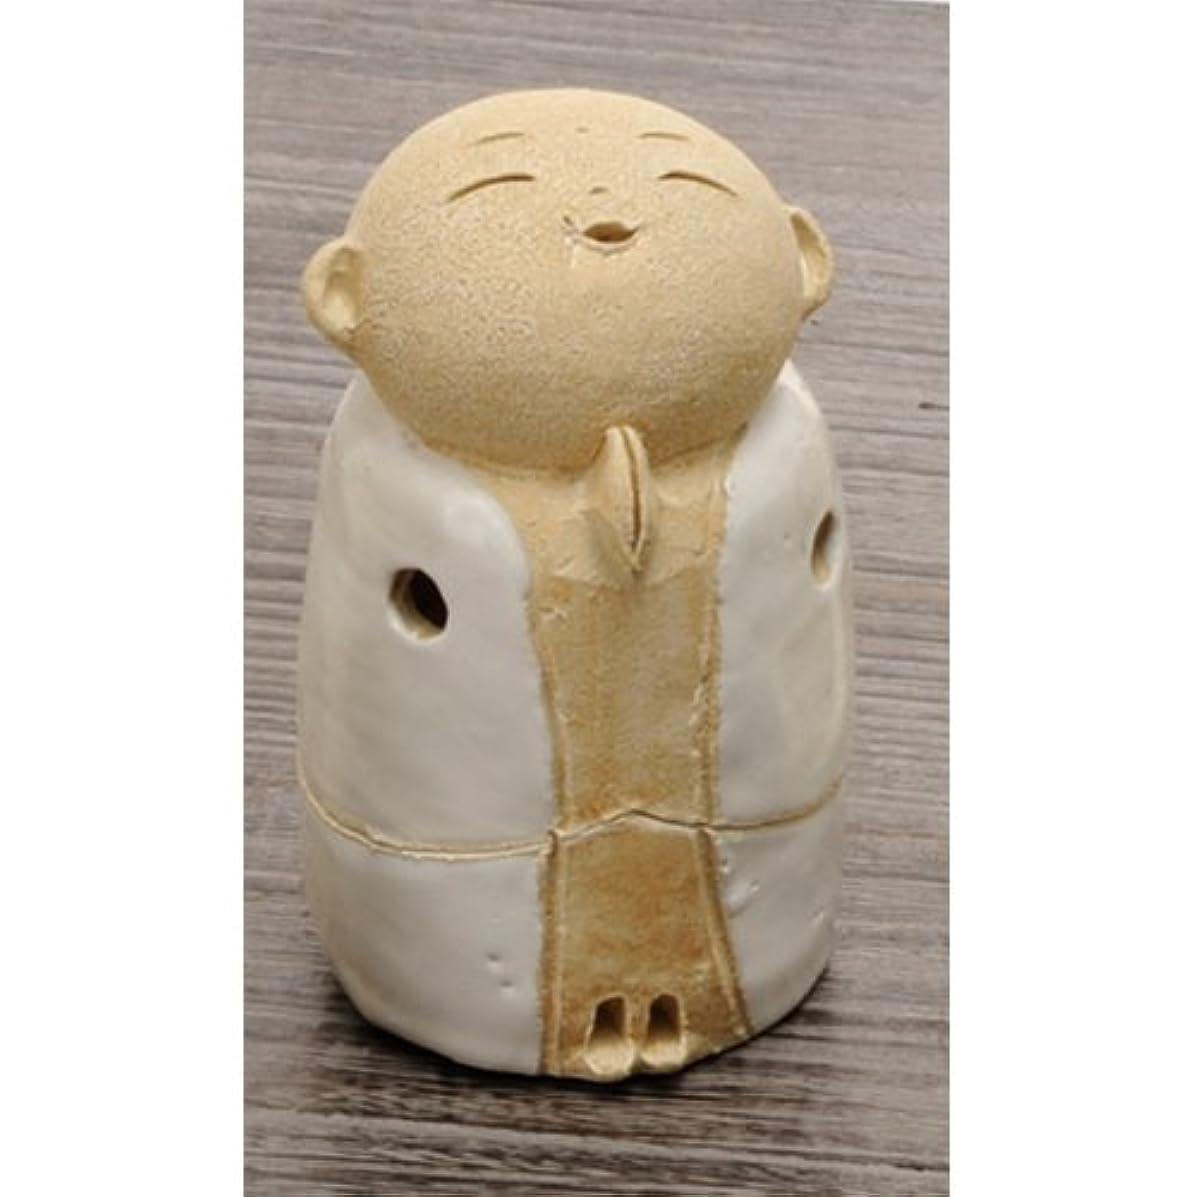 ほこりっぽい機動一般お地蔵様 香炉シリーズ 白 お地蔵様 香炉 3.5寸(小) [H10cm] HANDMADE プレゼント ギフト 和食器 かわいい インテリア